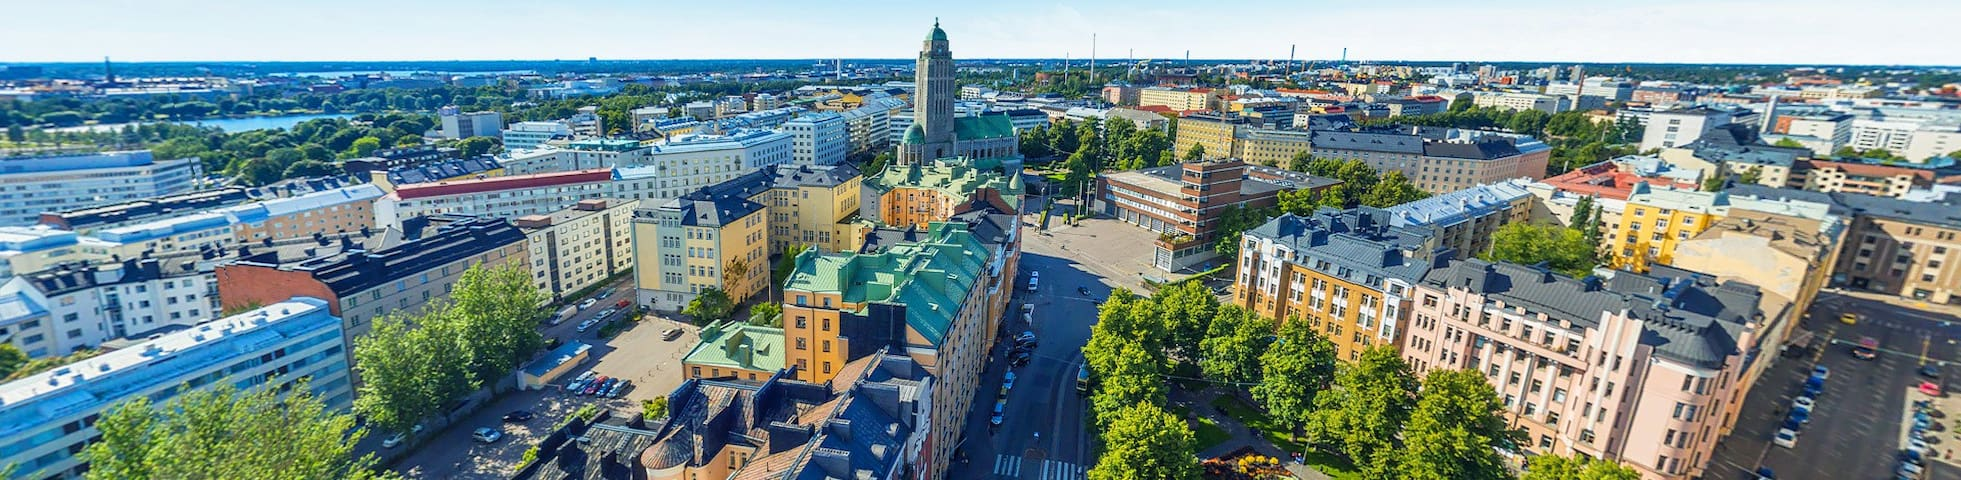 Guidebook for Helsinki - Kallio